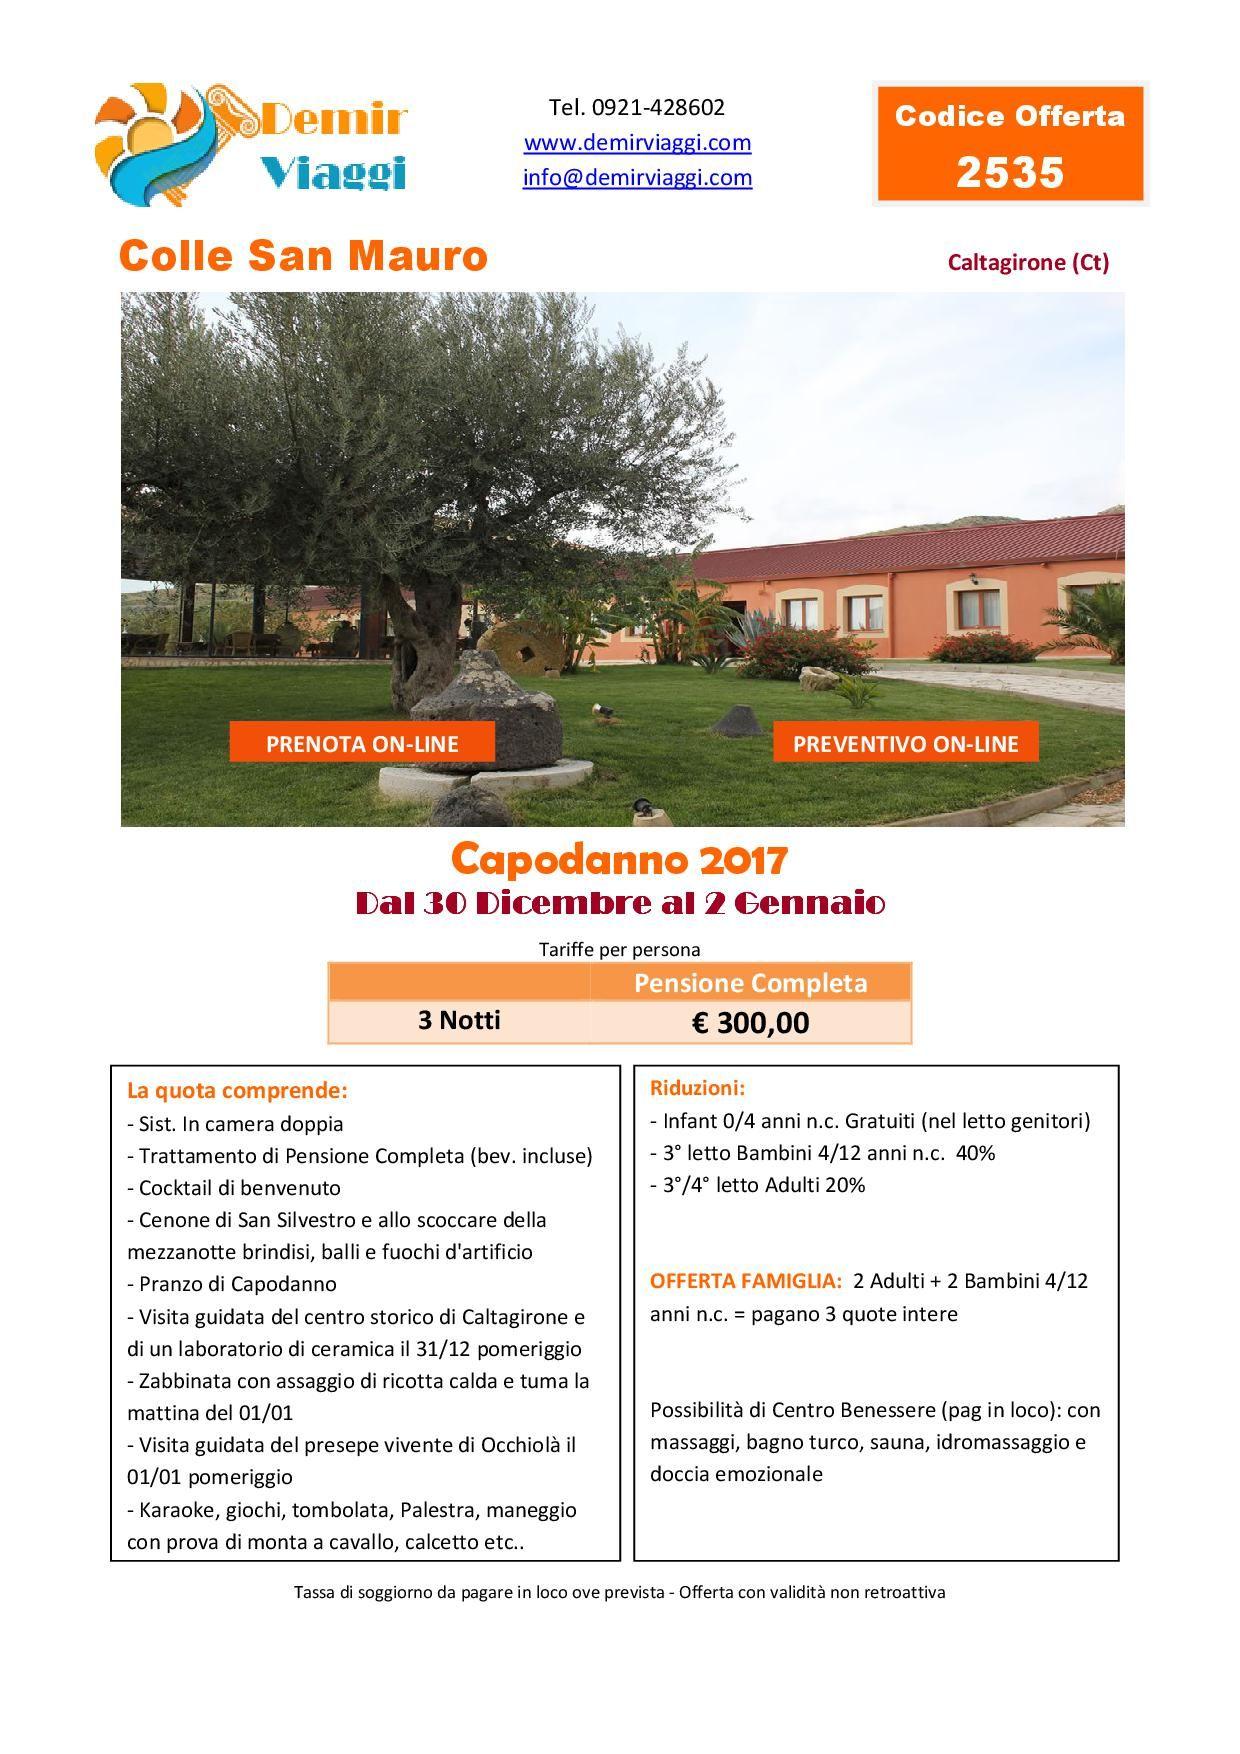 Agriturismo Colle San Mauro - Caltagirone (Ct) Capodanno 2017 Per info e preventivi tel 0921428602 Email: info@demirviaggi.com Web: www.demirviaggi.com #Sicilia #Viaggi #LastMinute #Capodanno